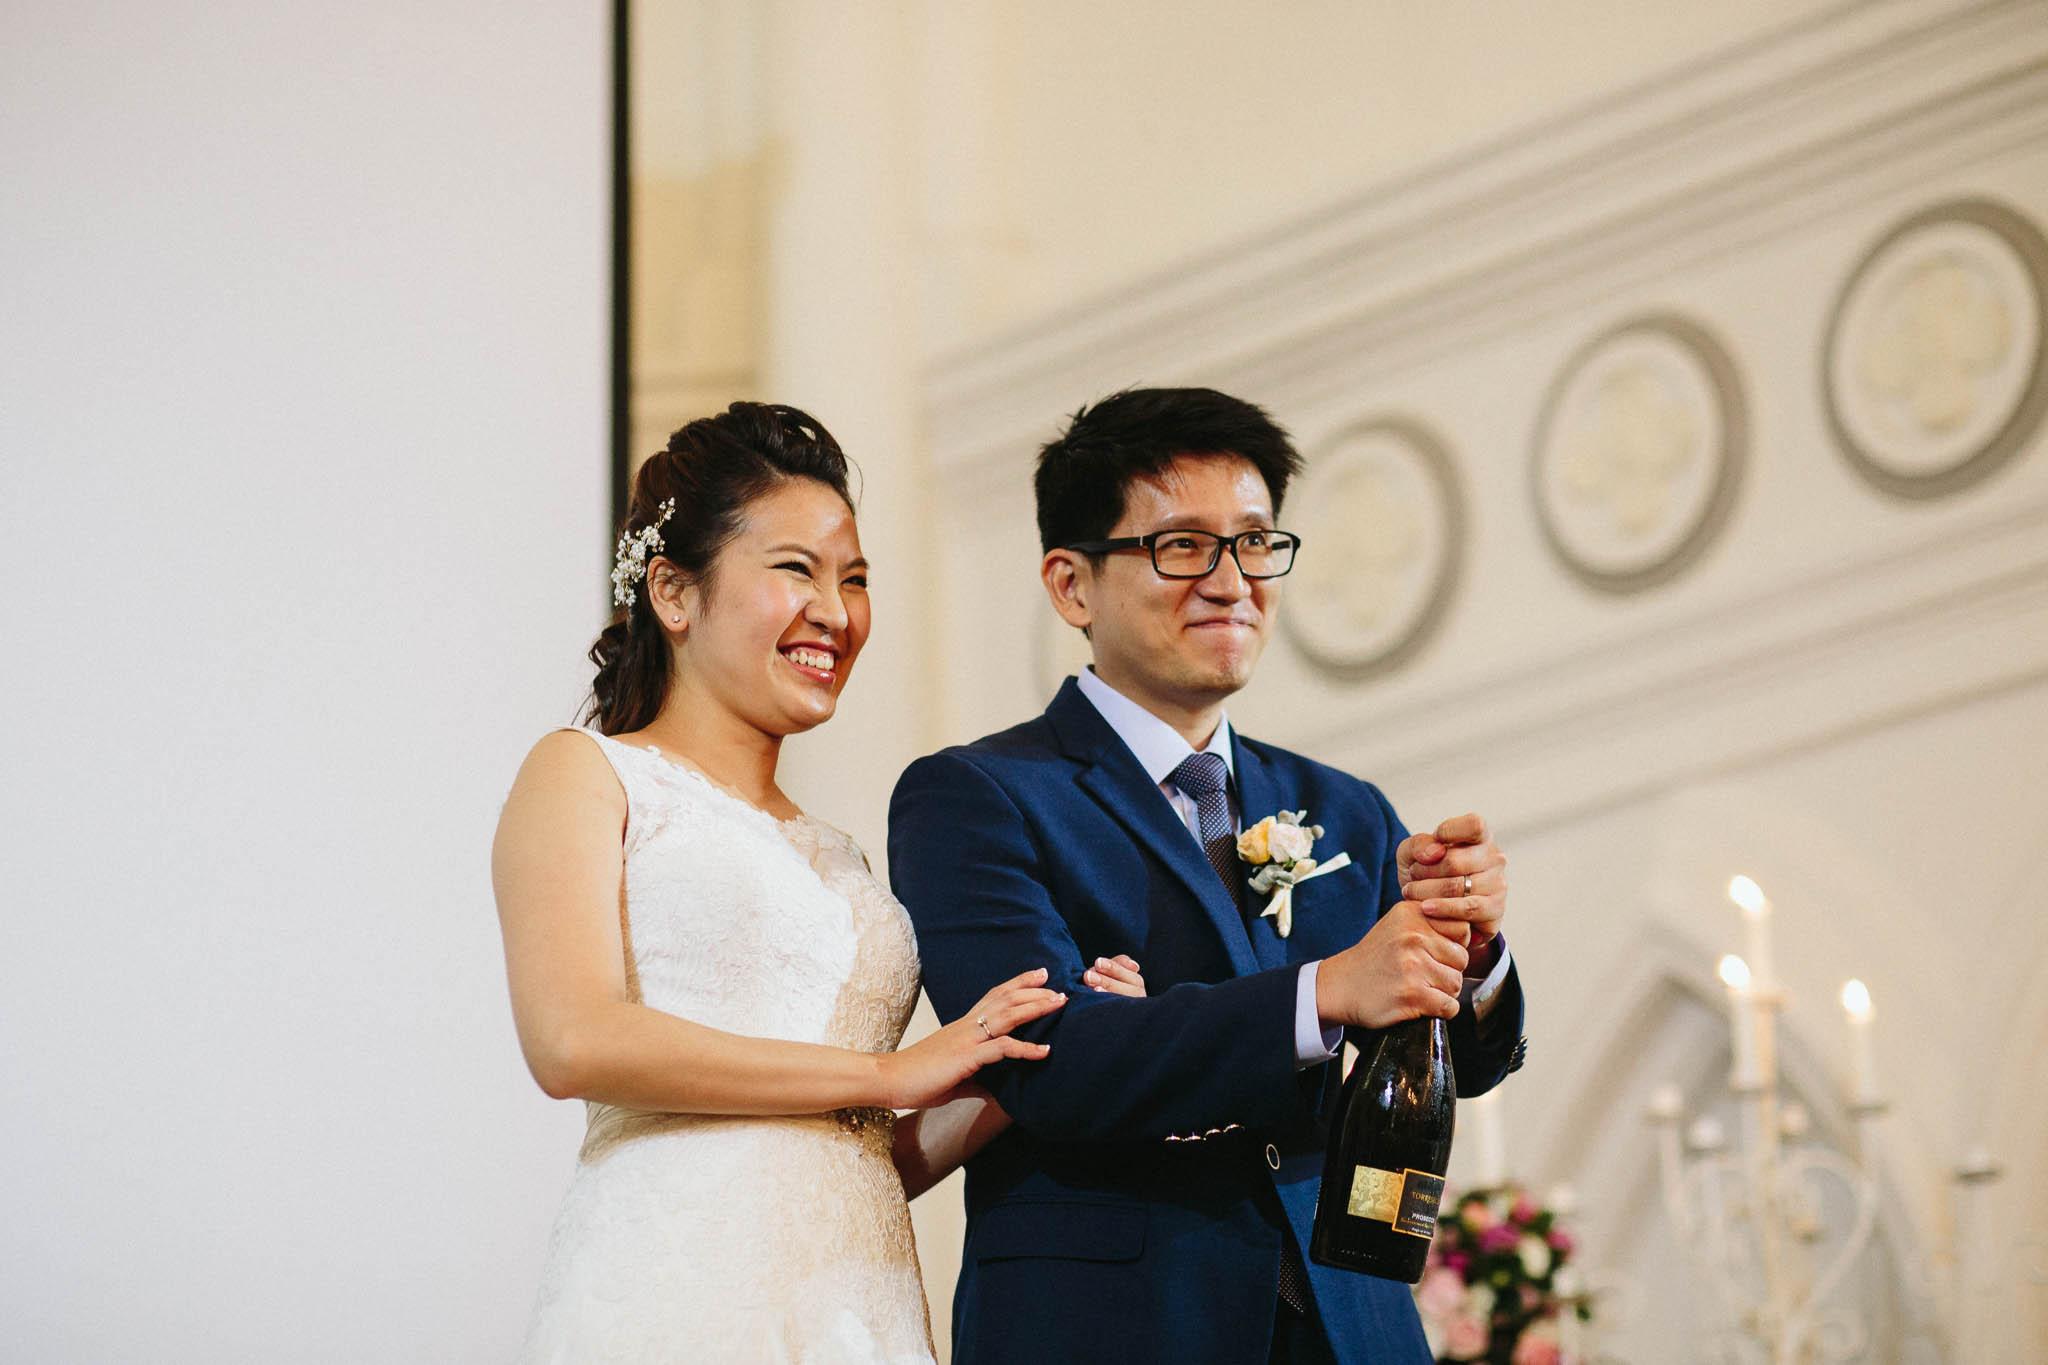 singapore-wedding-photographer-zhongwei-shihui-055.jpg